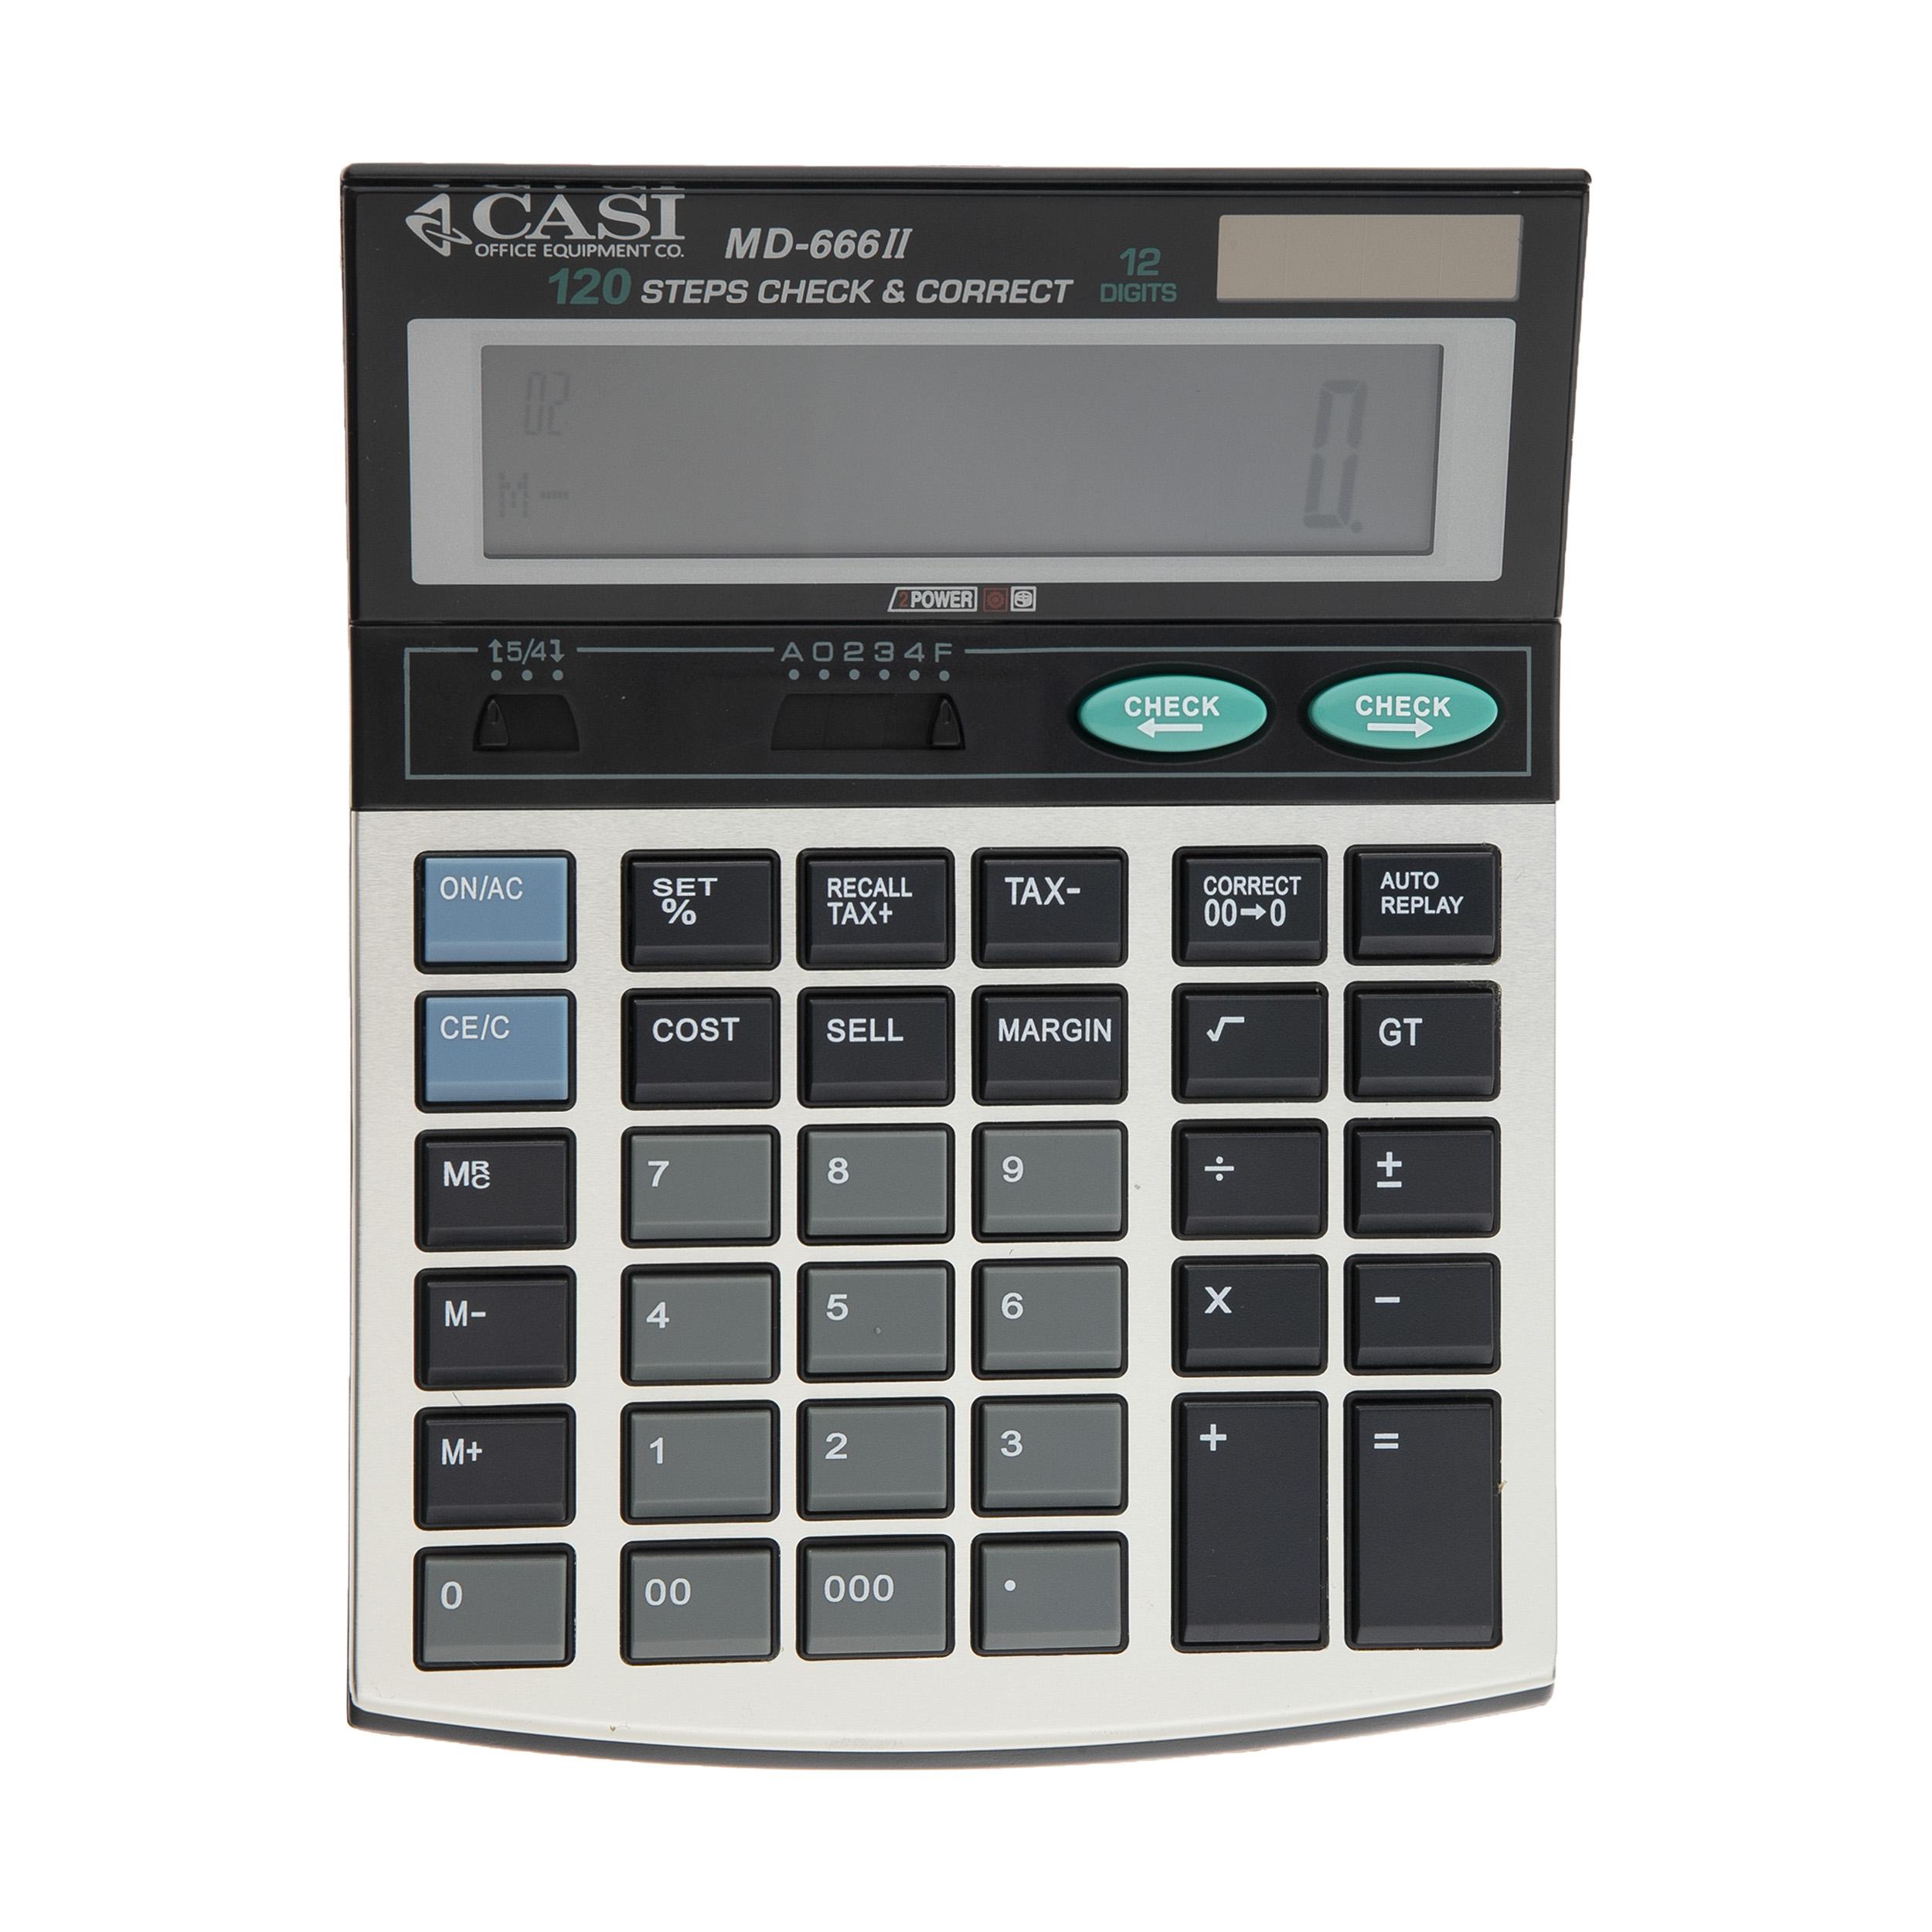 ماشین حساب کاسی مدل MD-666II